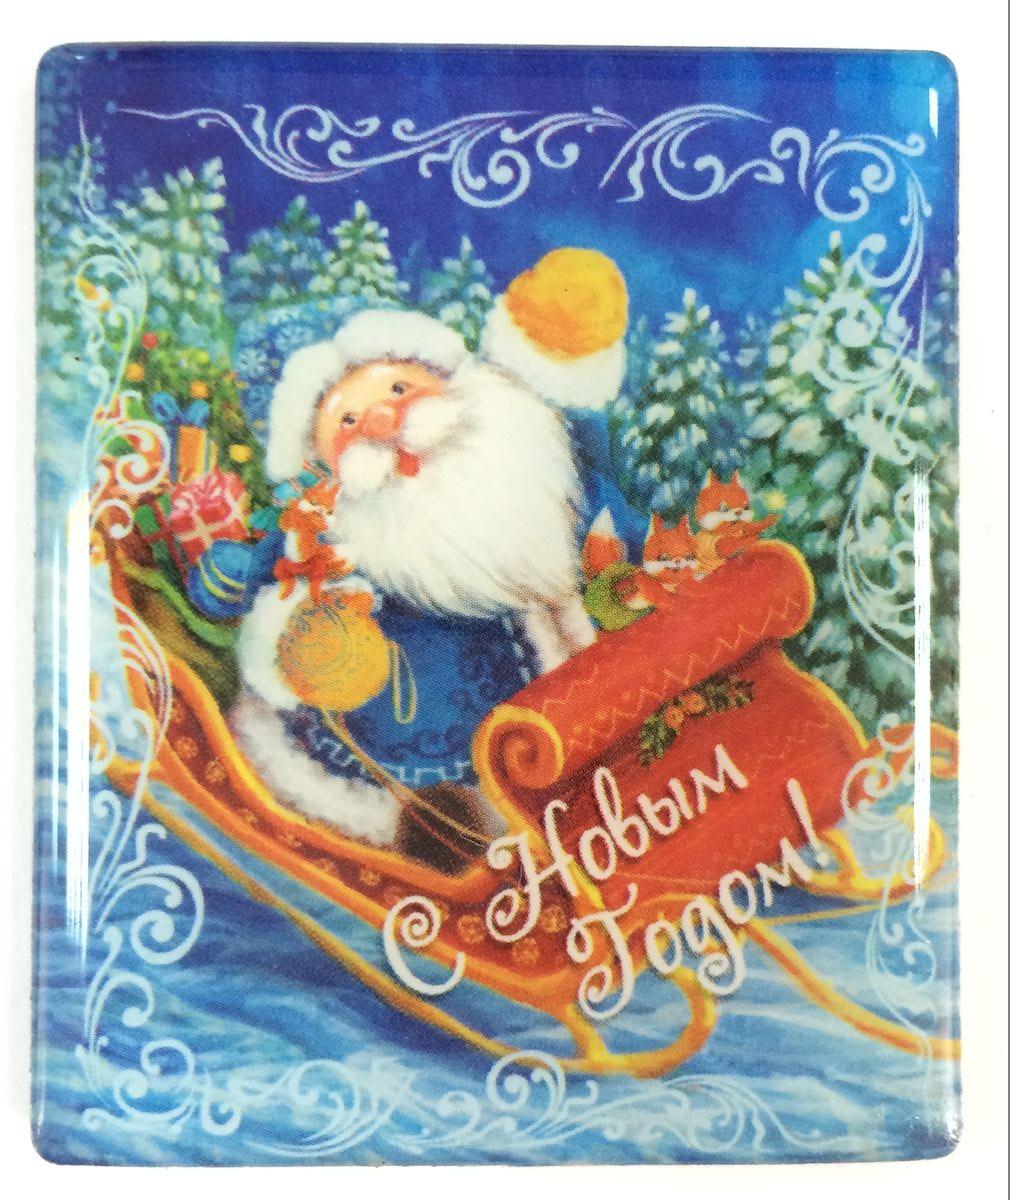 Магнит декоративный Magic Time Дед Мороз в санях, 6 х 5 см. 3837538375Магнит Magic Time Дед Мороз в санях, выполненный из агломерированного феррита, прекрасно подойдет в качестве сувенира к Новому году или станет приятным презентом в обычный день. Магнит - одно из самых простых, недорогих и при этом оригинальных украшений интерьера. Он поможет вам украсить не только холодильник, но и любую другую магнитную поверхность. Материал: агломерированный феррит.